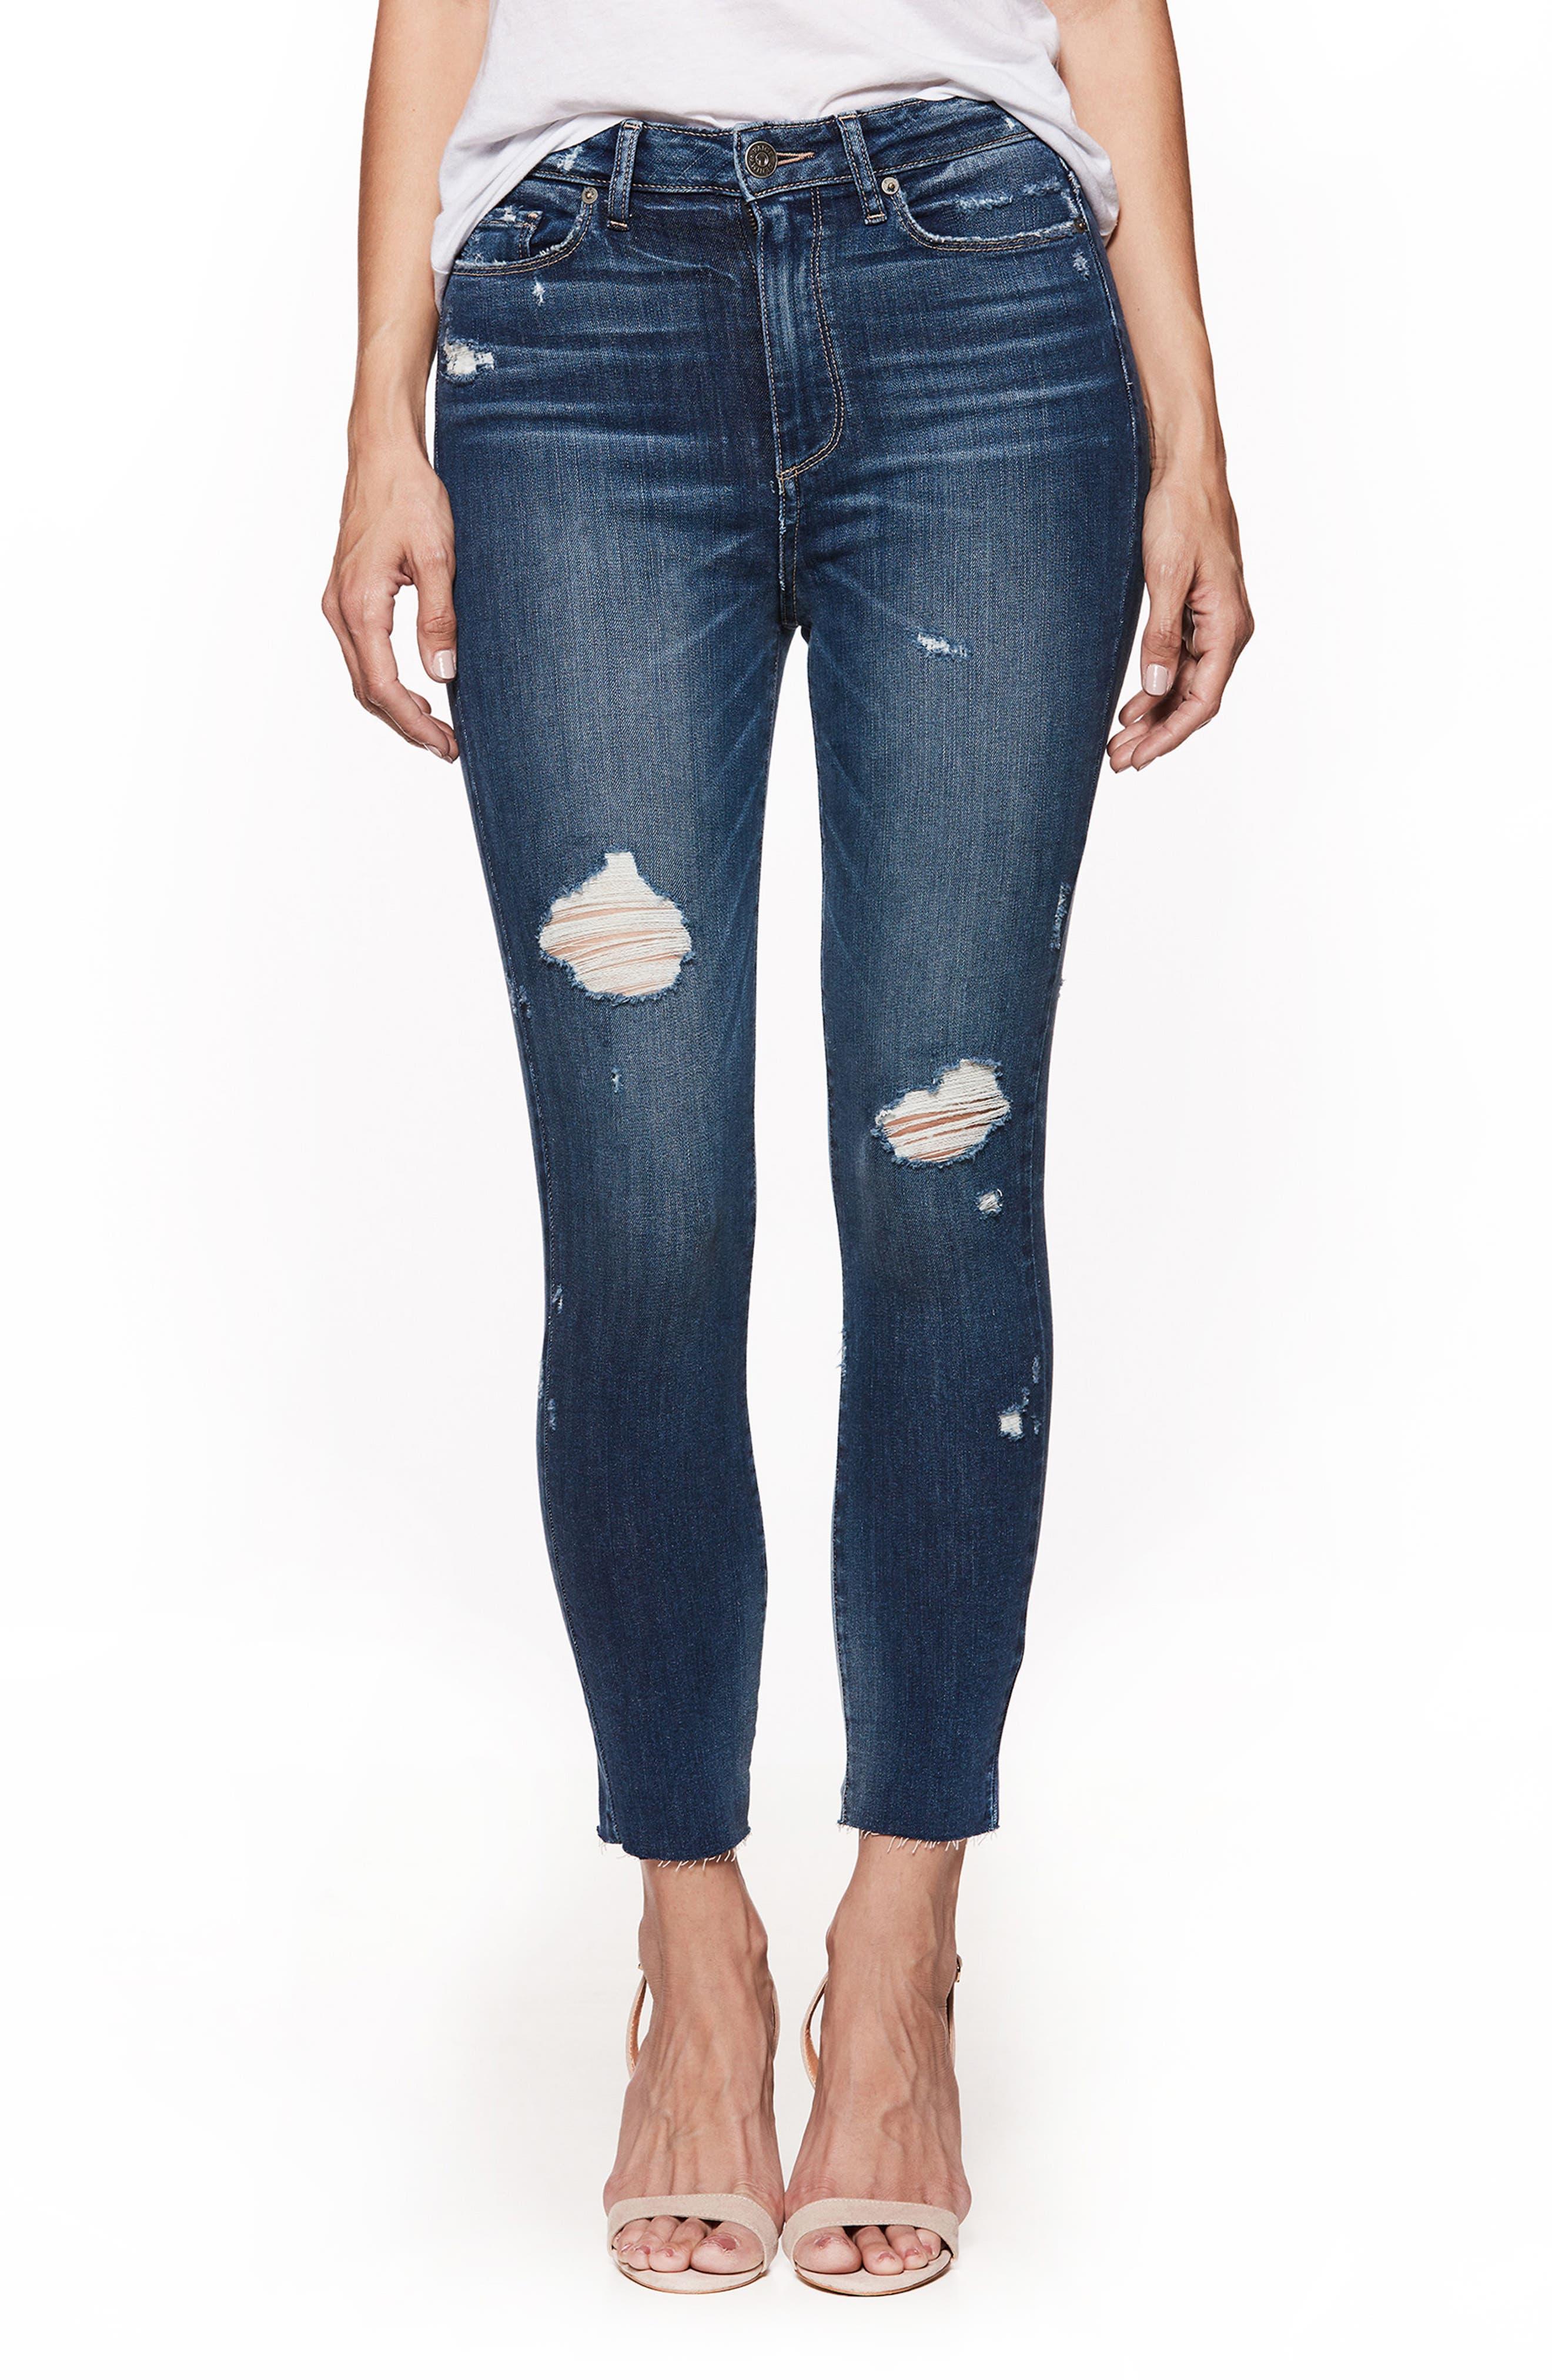 Transcend Vintage - Margot High Waist Crop Skinny Jeans,                         Main,                         color, Cliffs Edge Destructed